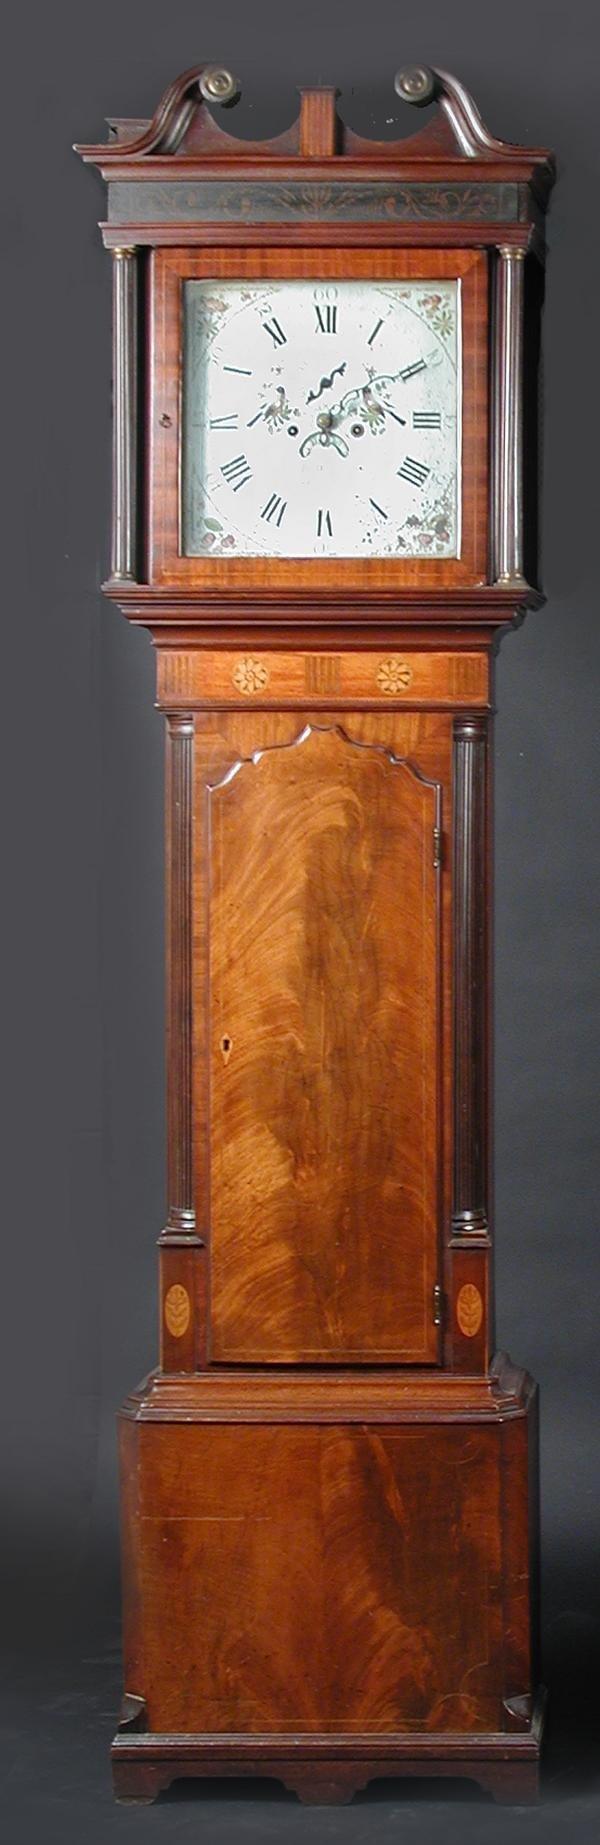 655: JOHN WIGNALL, ORMSKIRK, A MAHOGANY LONGCASE CLOCK